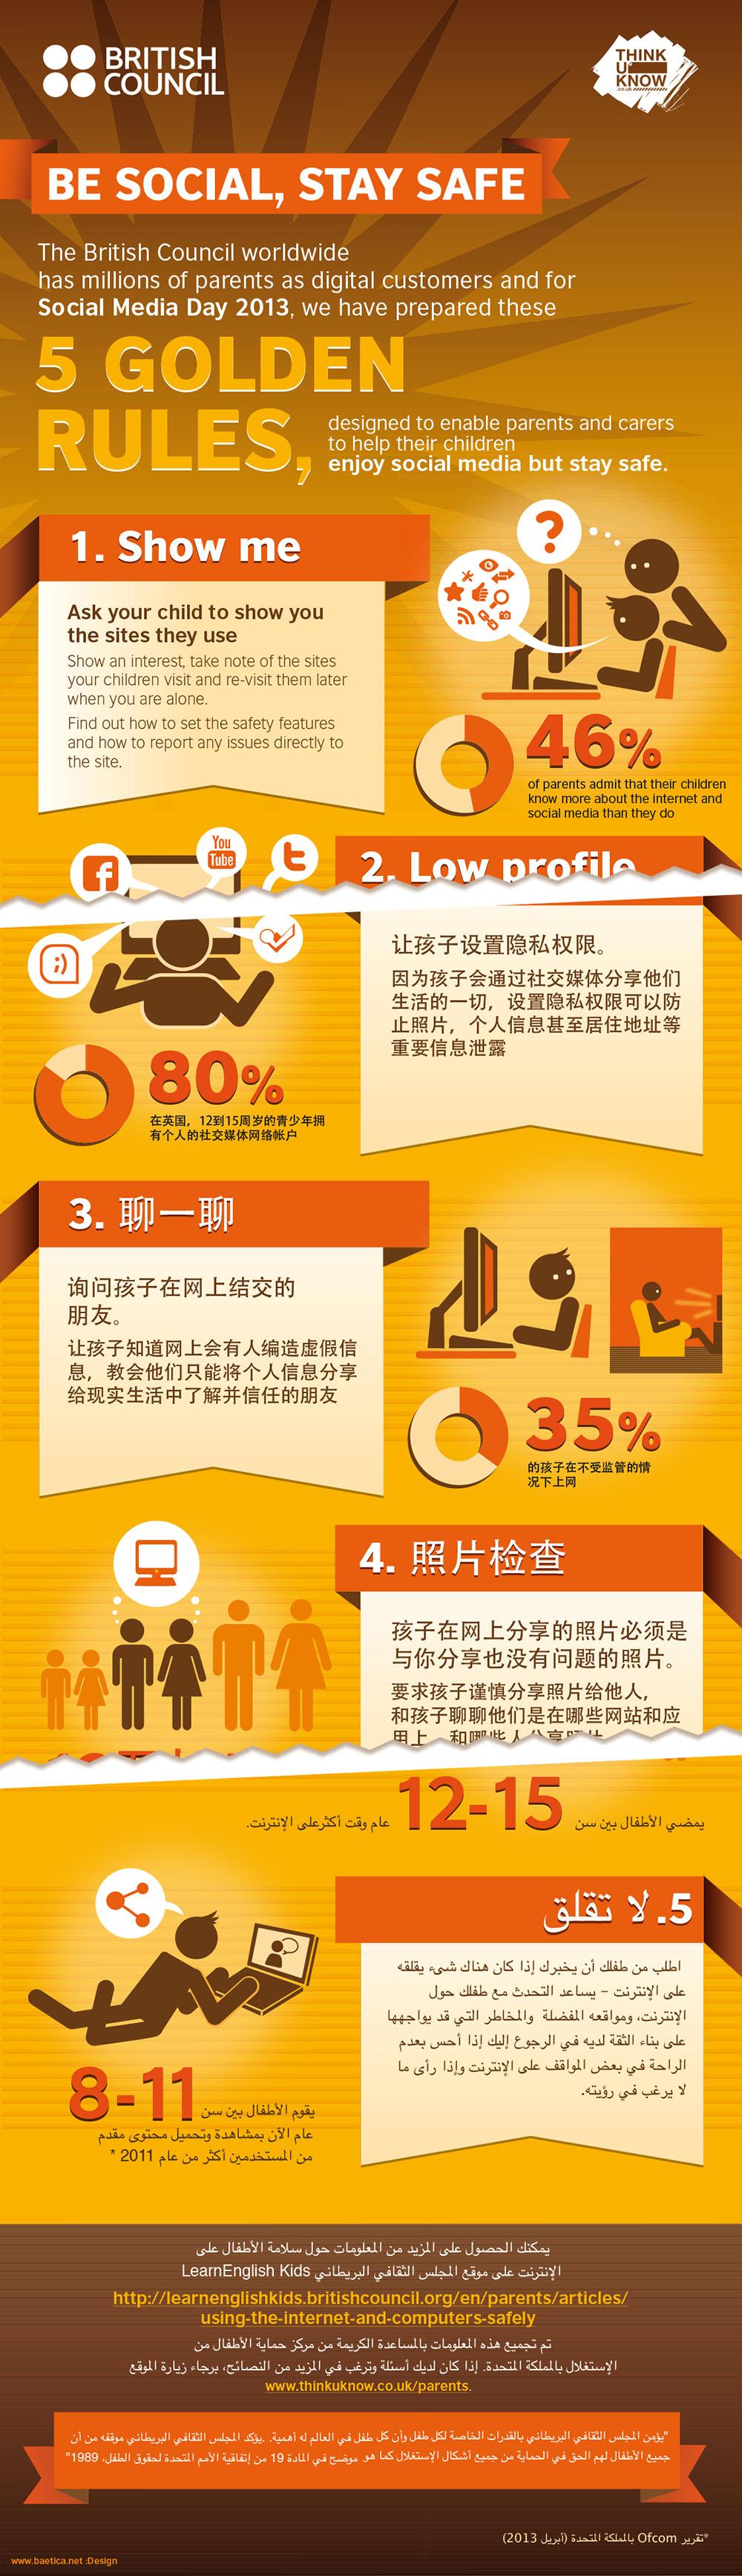 BC_info_chino3